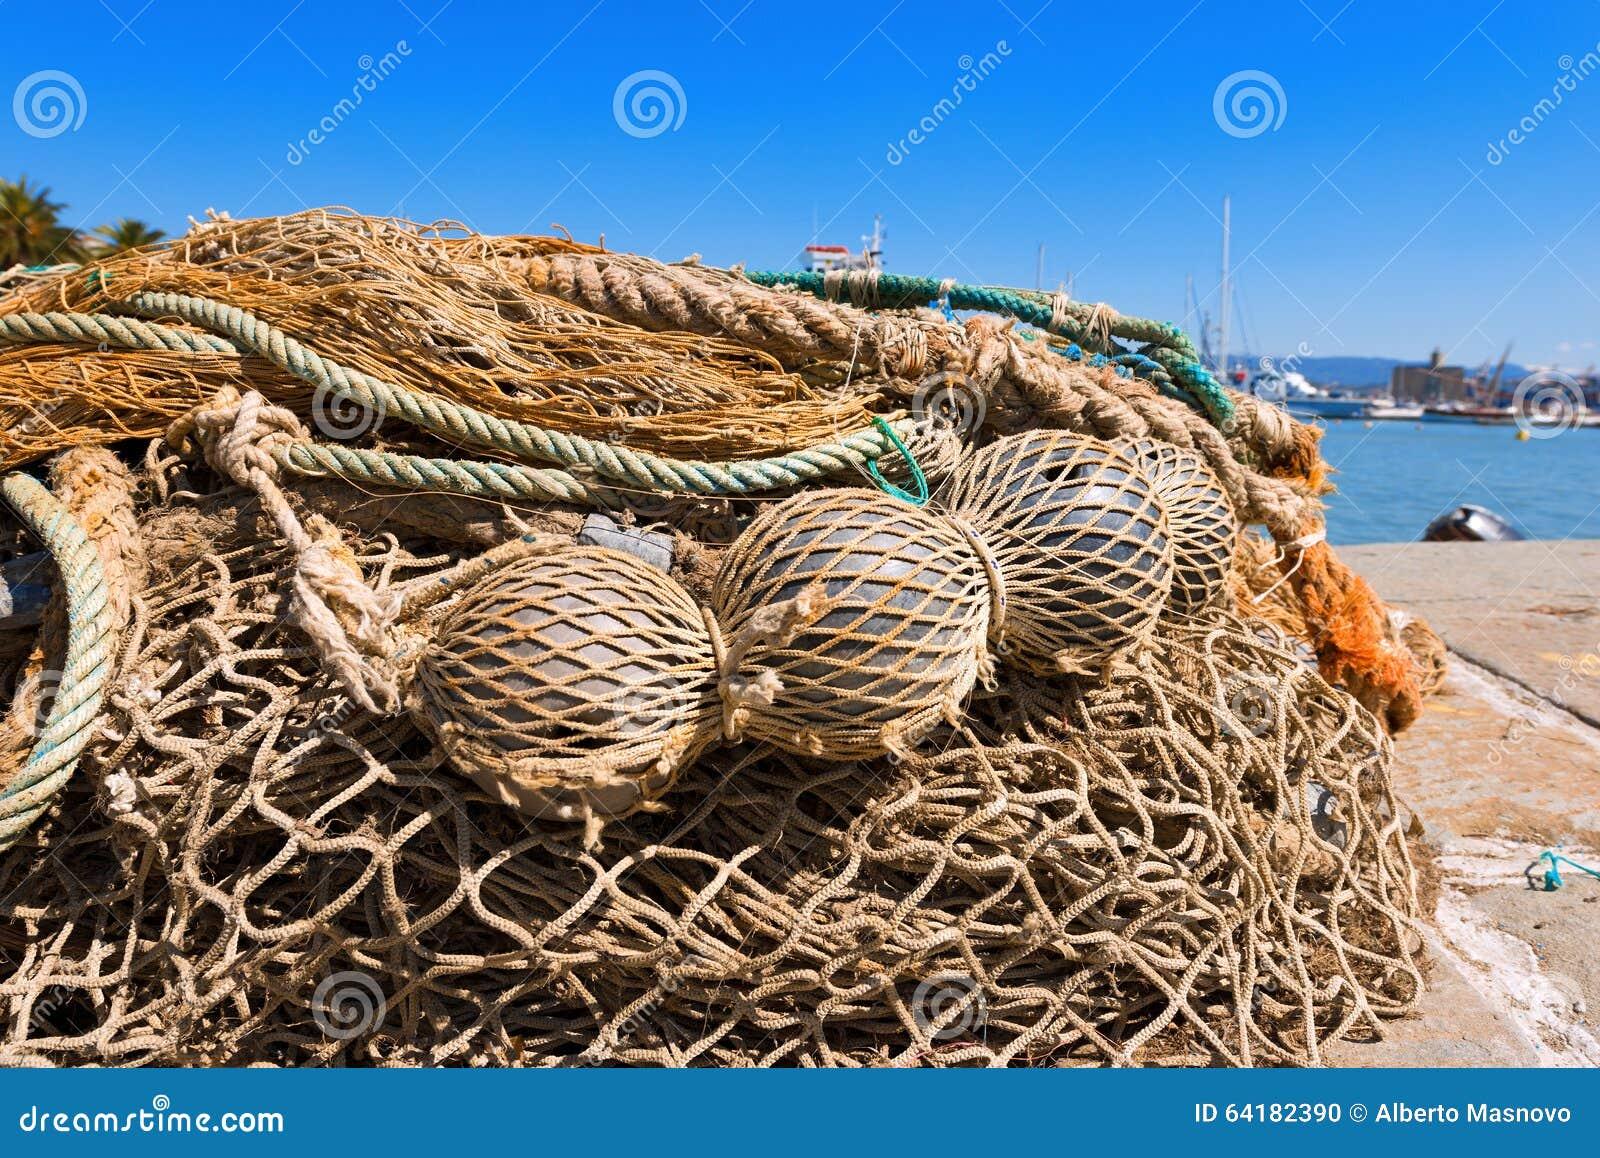 Reti da pesca con le corde ed i galleggianti fotografia - Rete da pesca per decorazioni ...